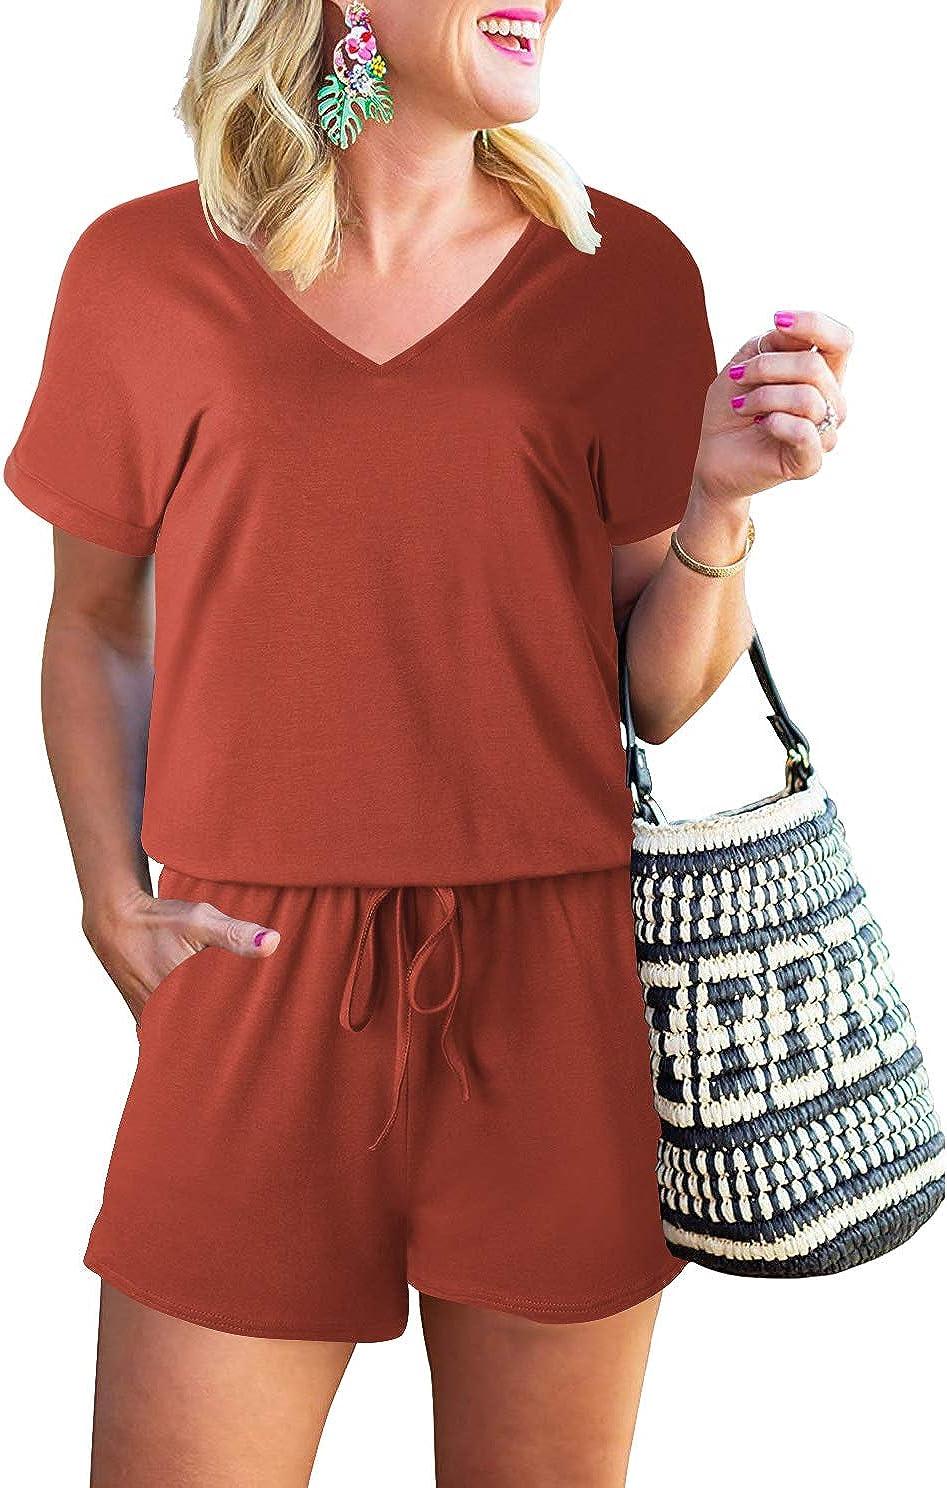 MILLCHIC Women's Summer Casual Loose Jumpsuit V Neck Short Sleev